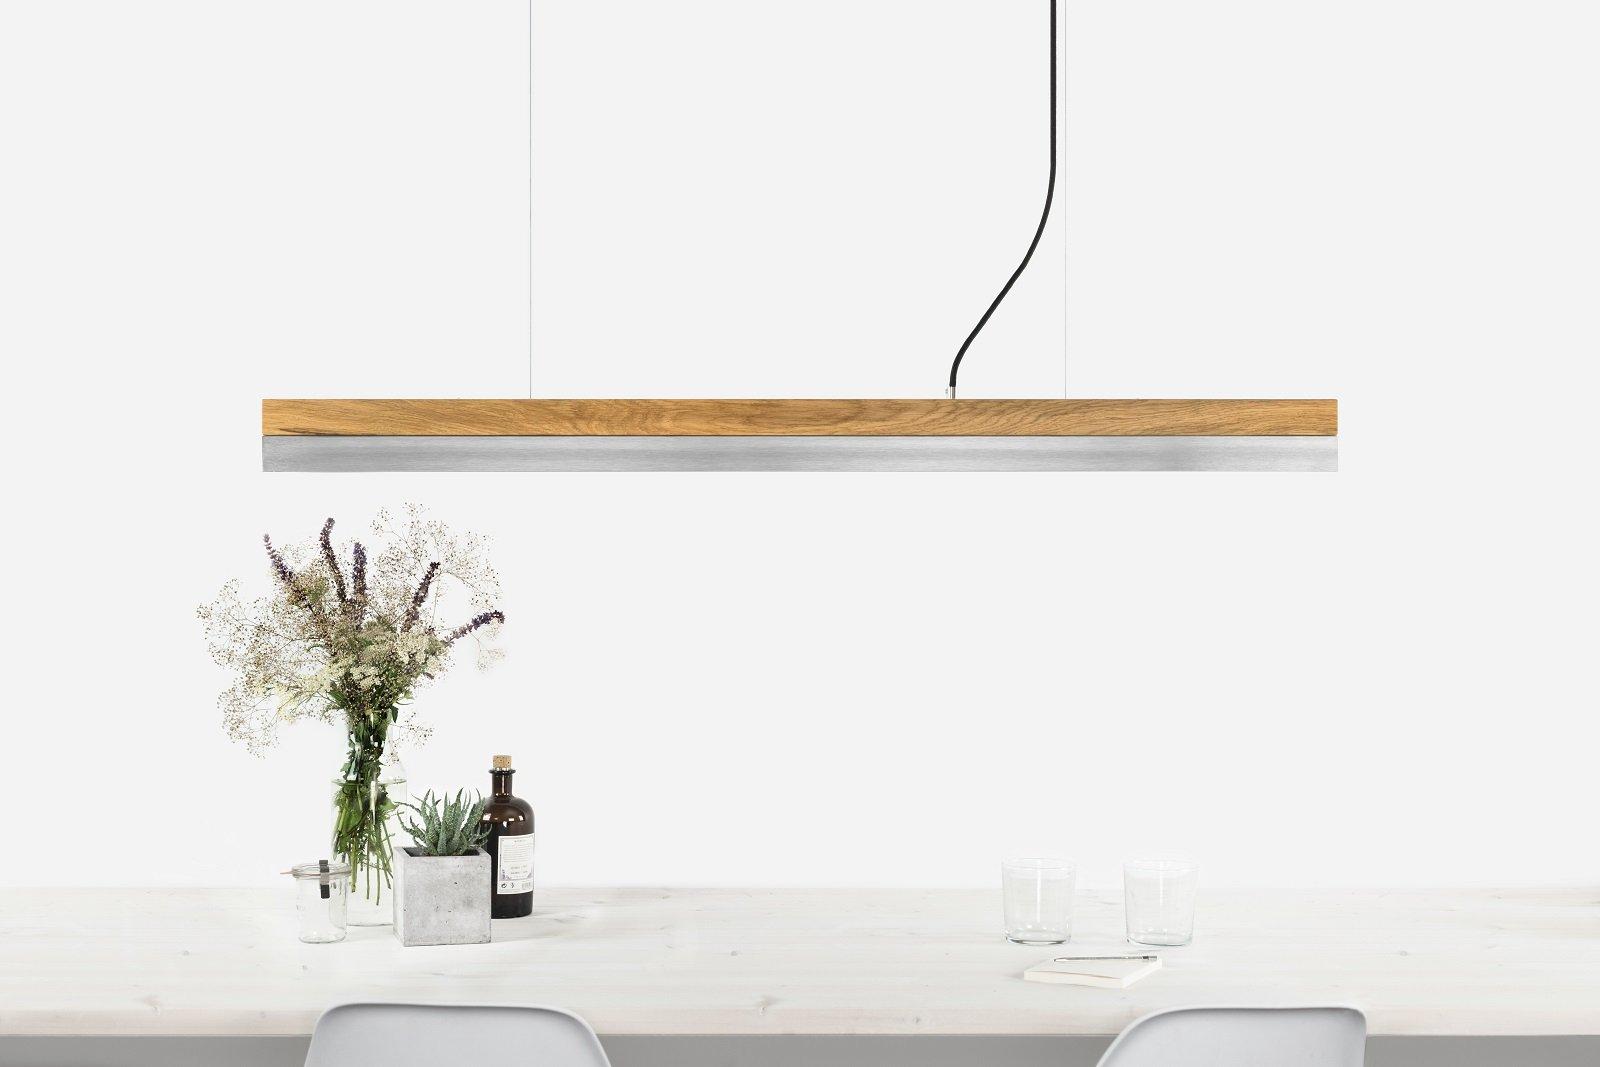 Dimmbare Edelstahl [C1o] LED Hängelampe von Stefan Gant für GANTlights